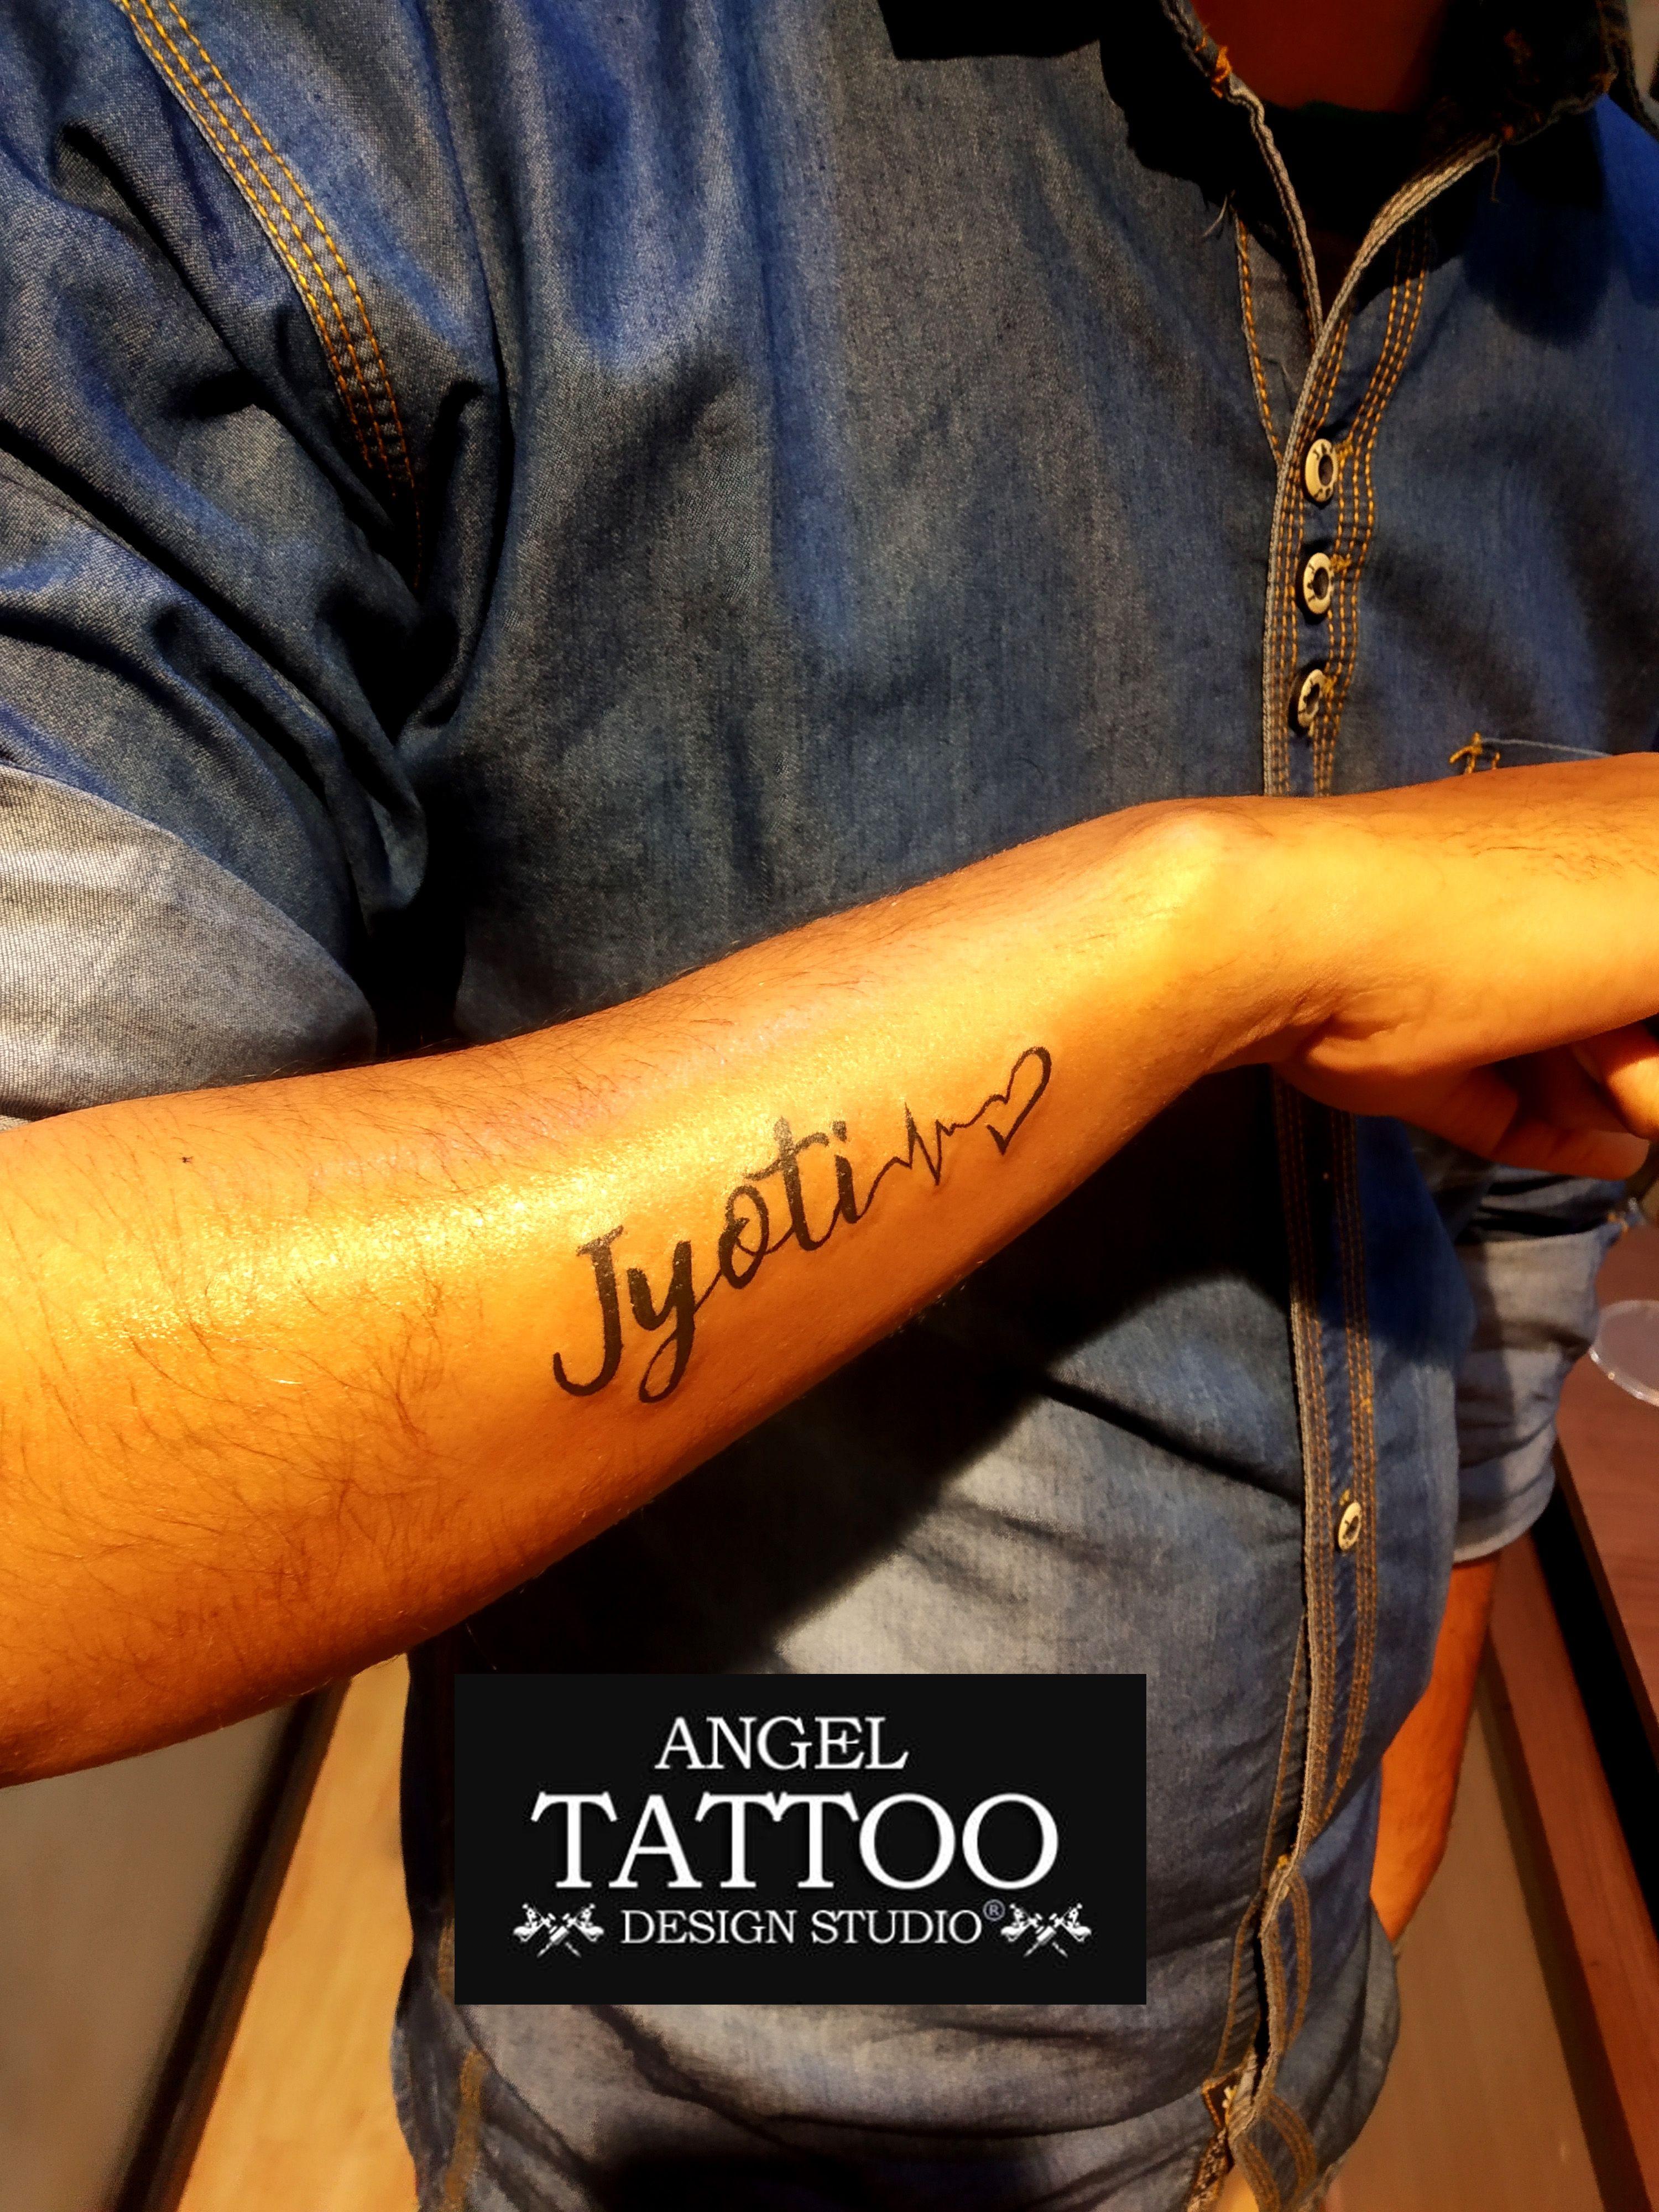 9473a3fc1 Jyoti name tattoo made at Gurgaon shop; call 8826602967 for appointment  #jyoti #jyotitattoo #jyotinametattoo #tattoogurgaon